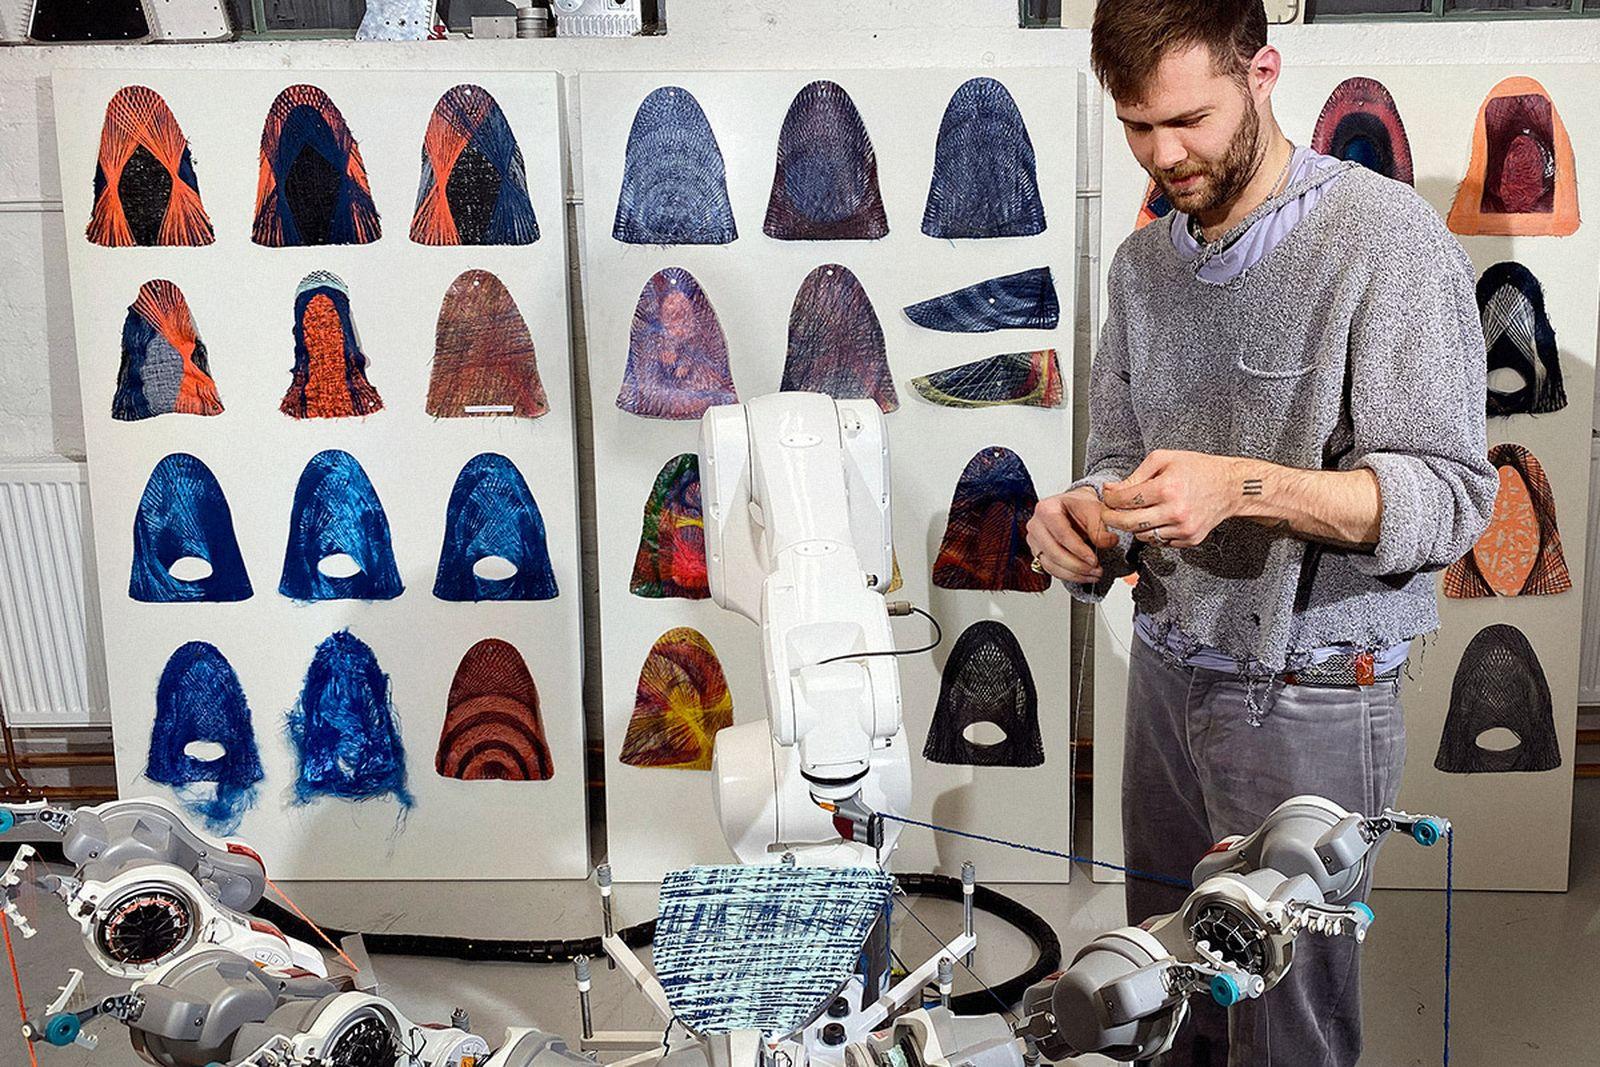 adidas-futurecraft-strung-deep-dive-interview-011